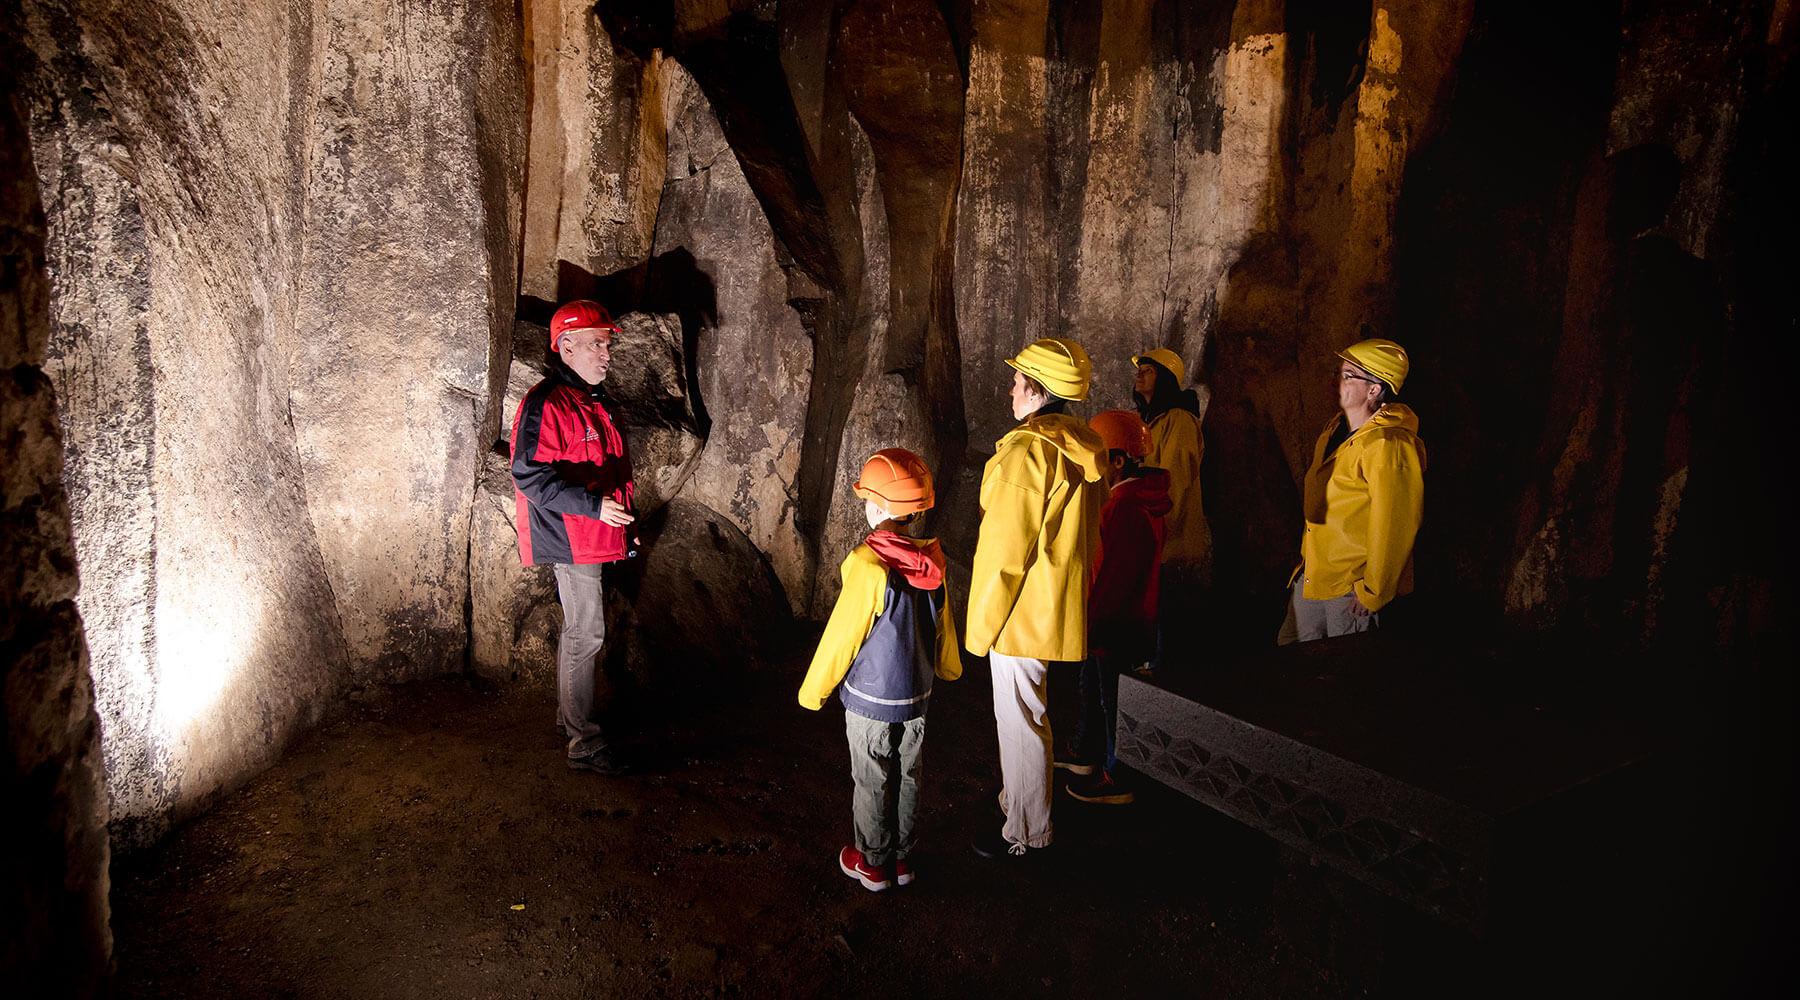 Vulkanpark, Lavakeller. Führung einer Familie durch die Lavakeller in Mendig.